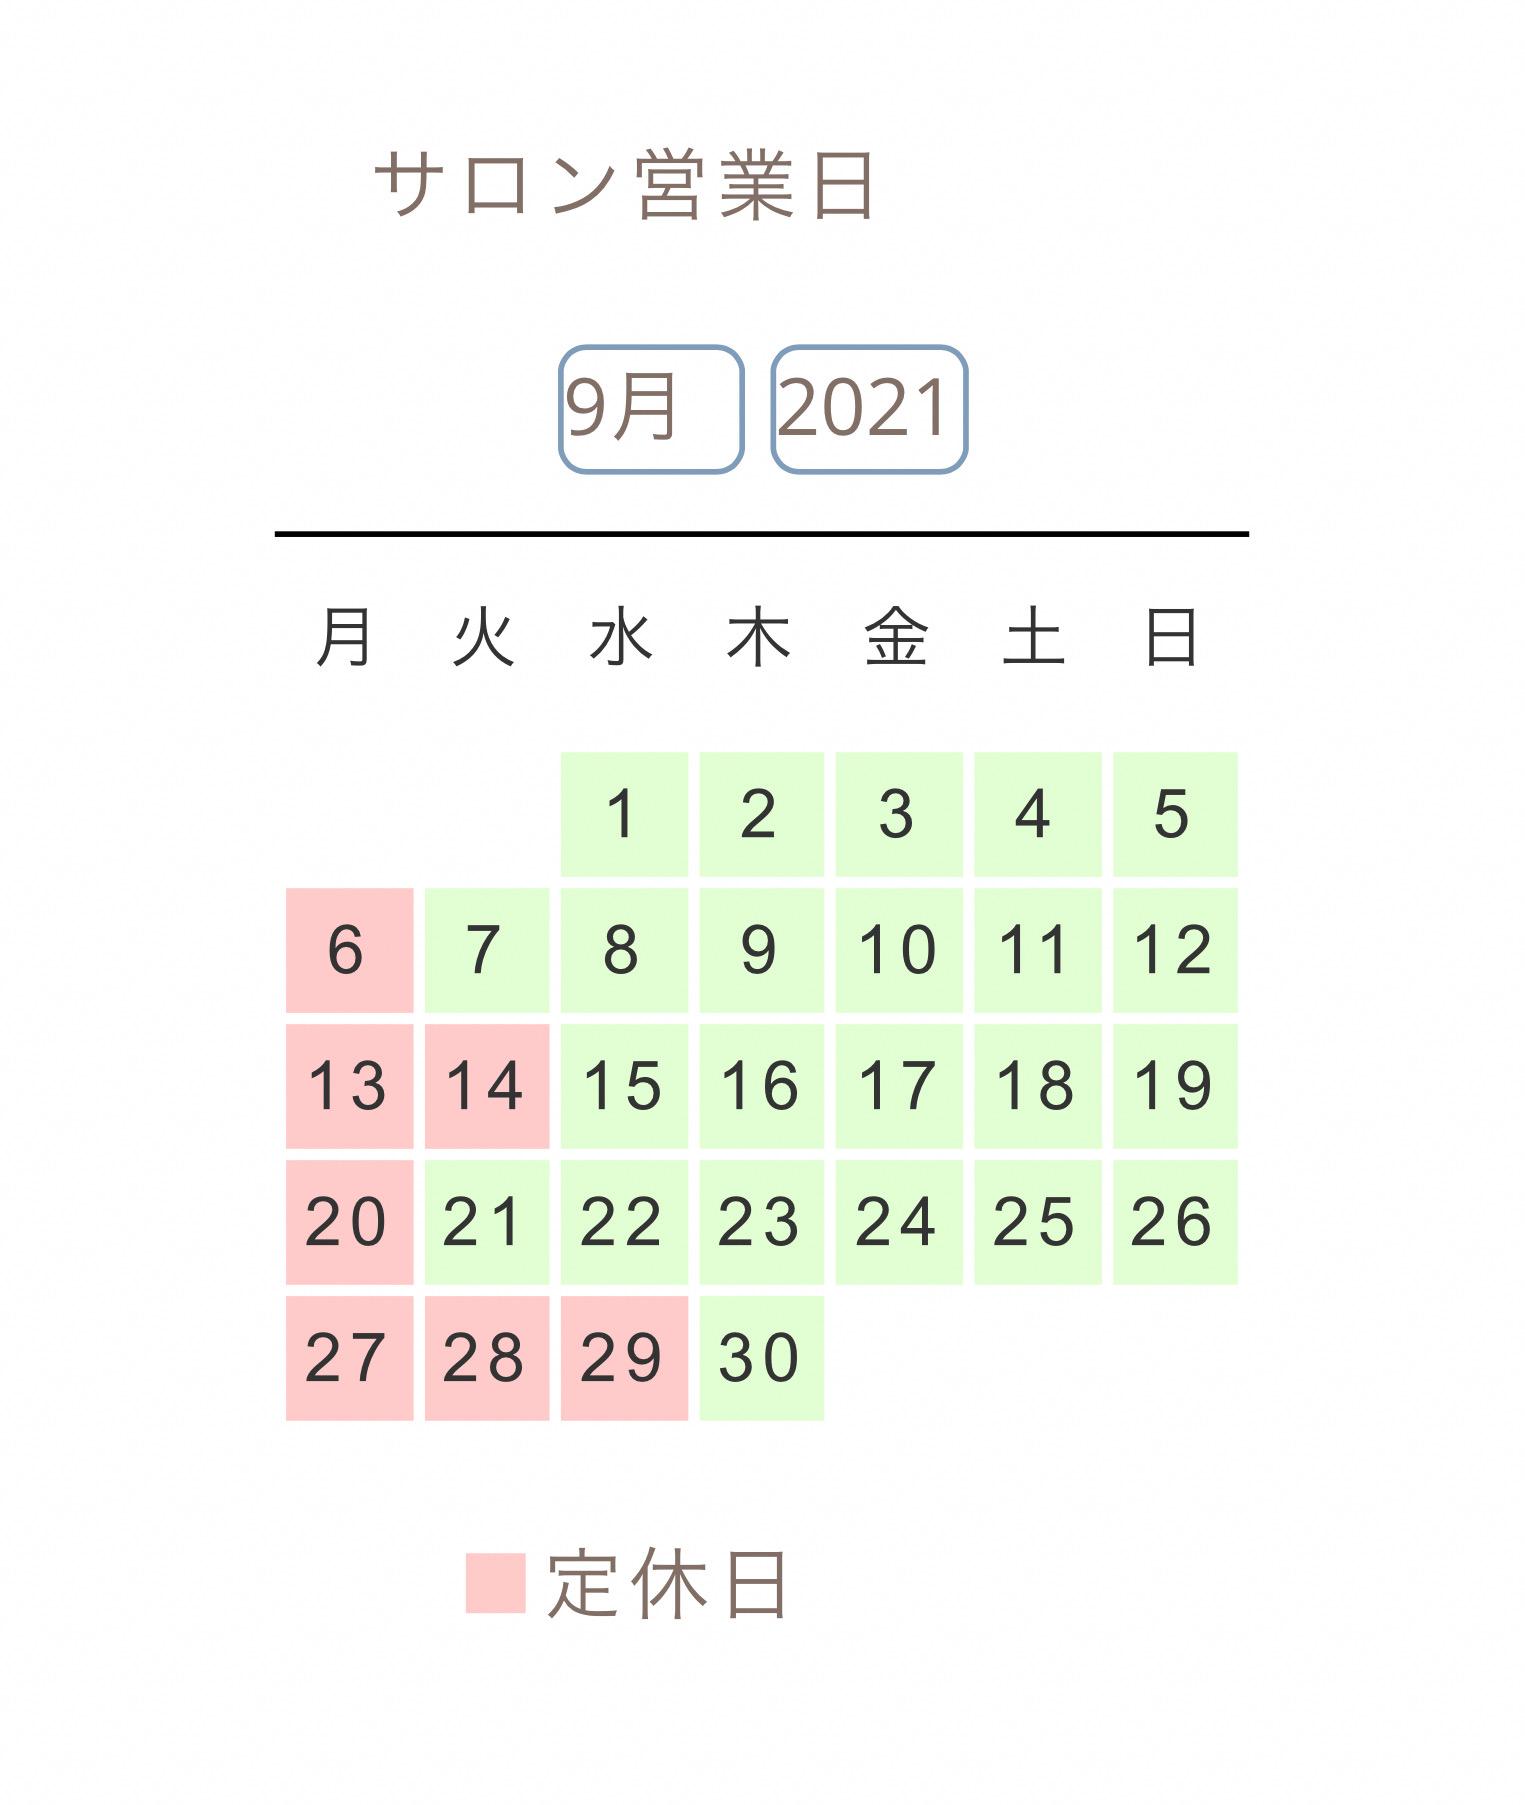 836BF240-842F-4398-A44F-2E5EC08A972E